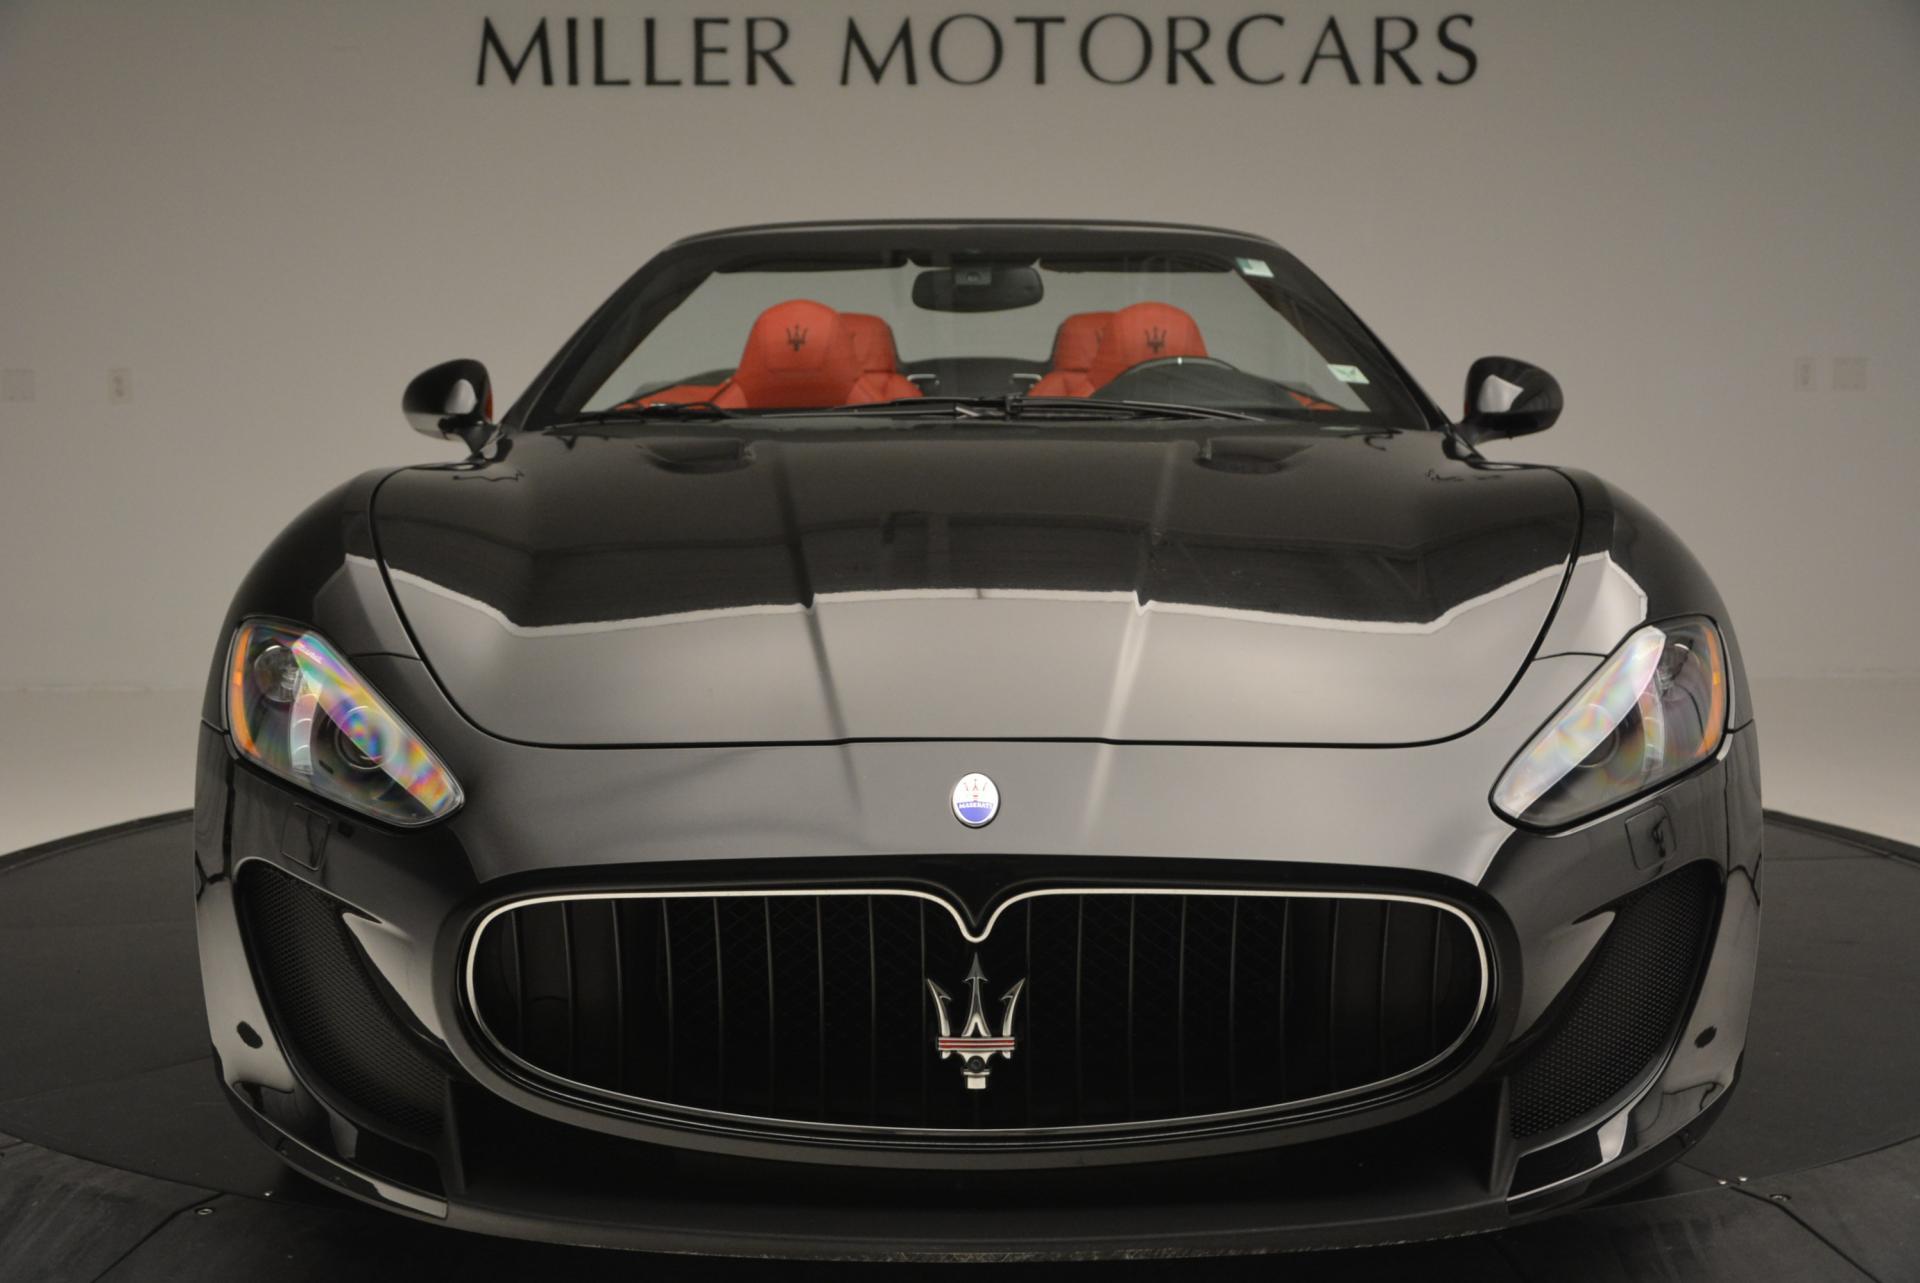 Used 2013 Maserati GranTurismo MC For Sale In Greenwich, CT 521_p20